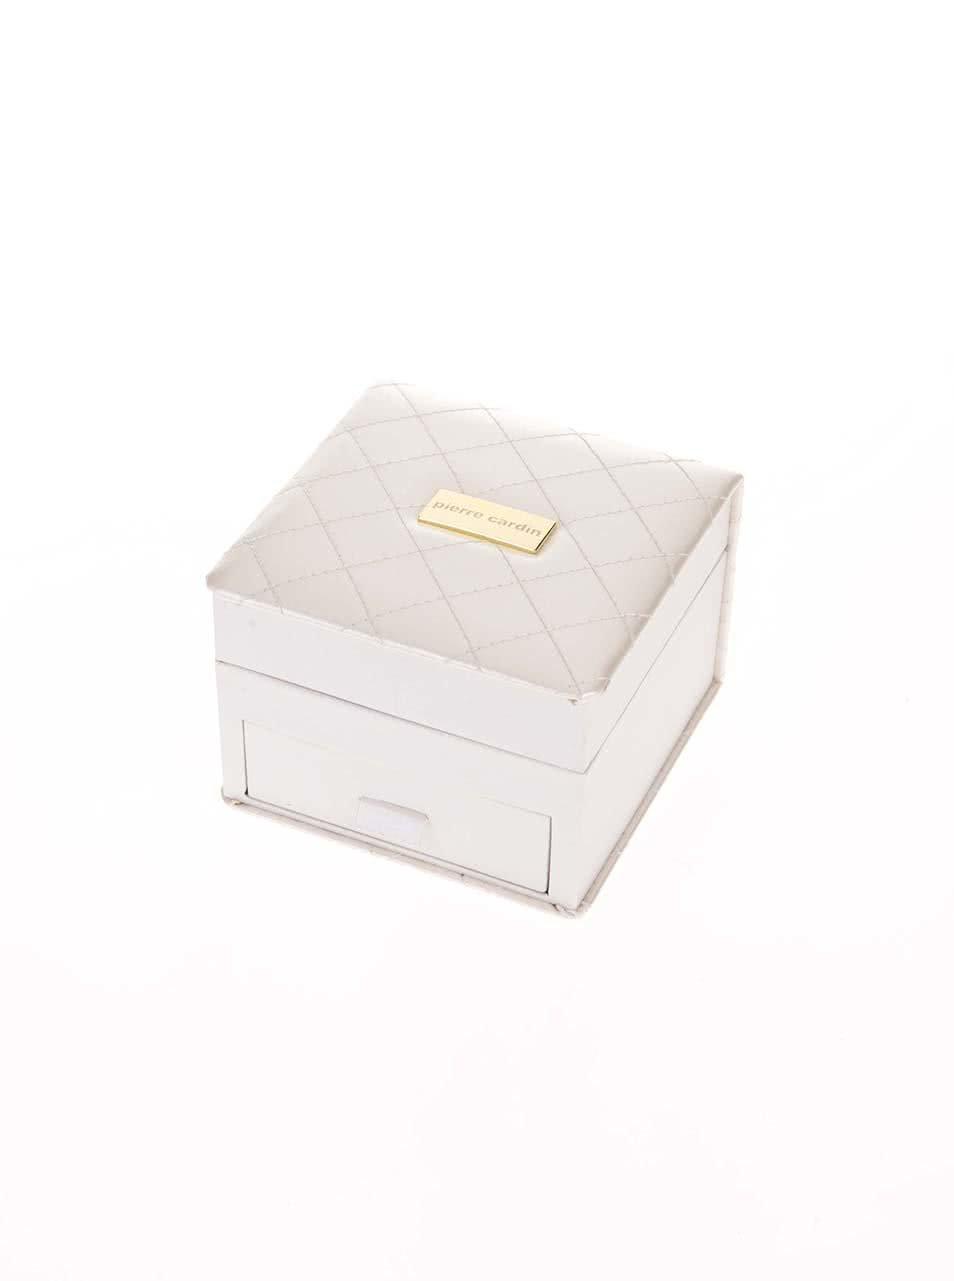 Hodinky se sadou šperků v bílé kazetě Pierre Cardin ... 8810fb6fb0